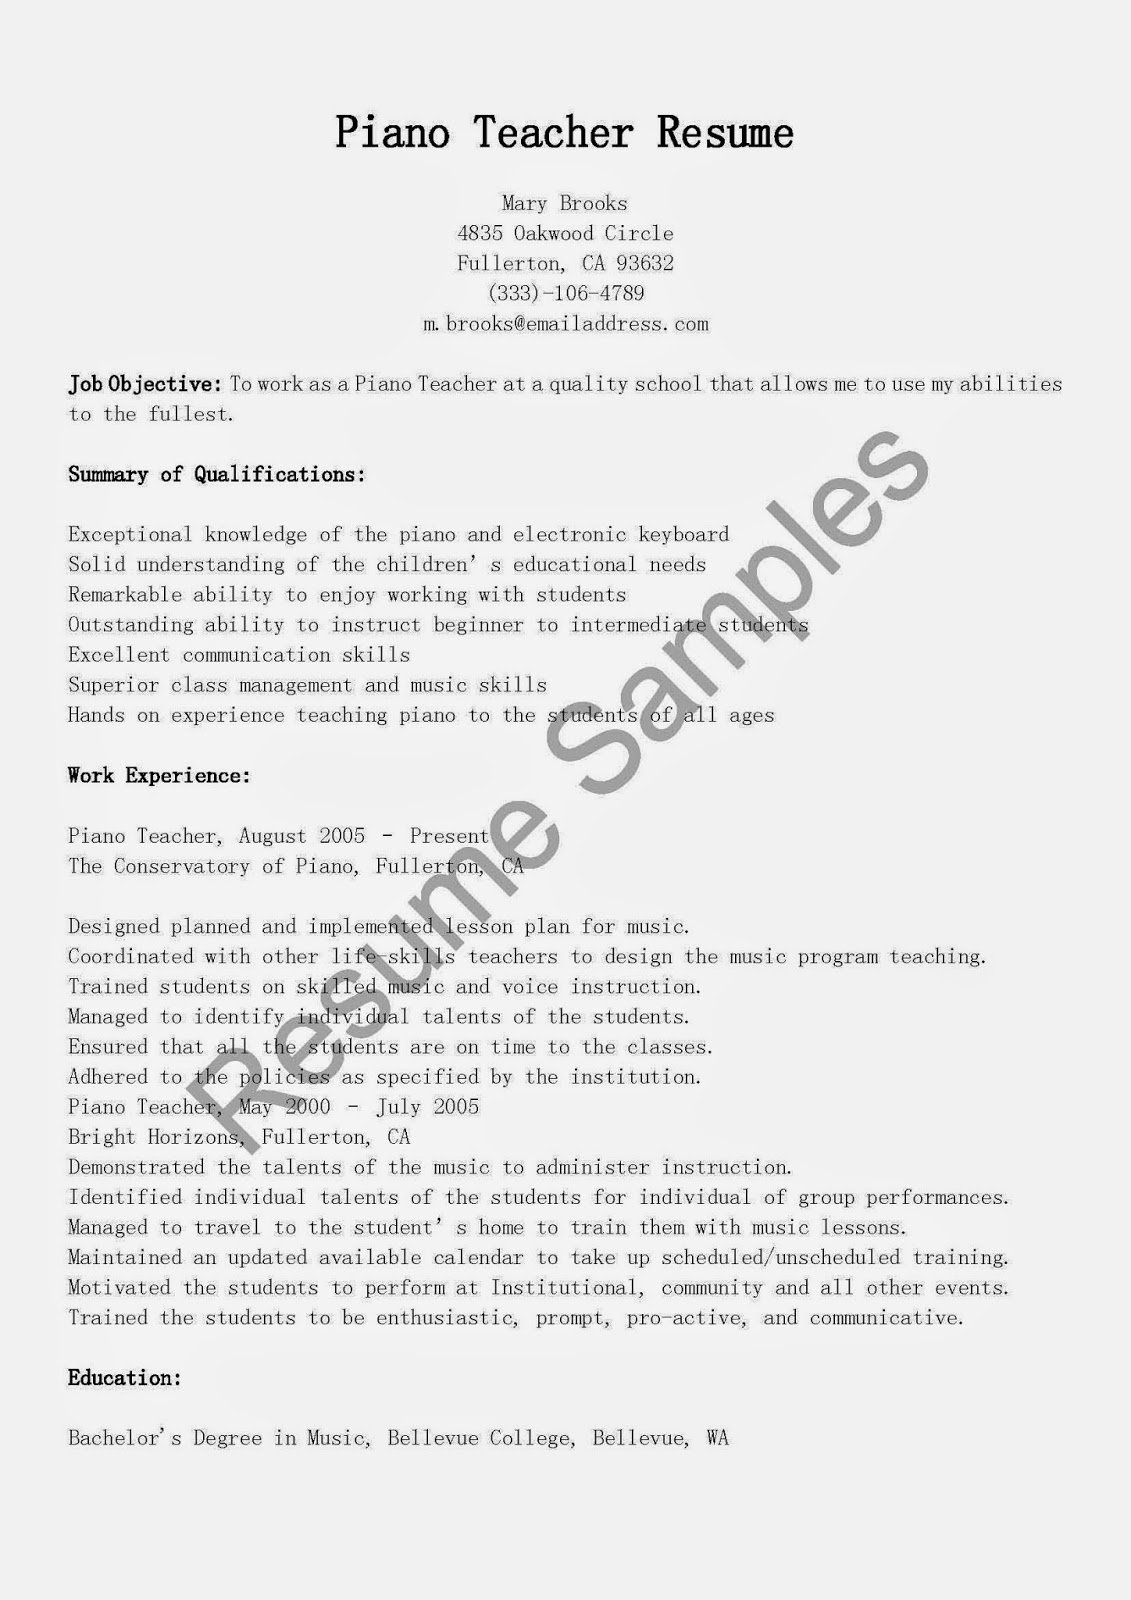 Music Teacher Resume Sample Inspirational Resume Samples Piano Teacher Resume Sample